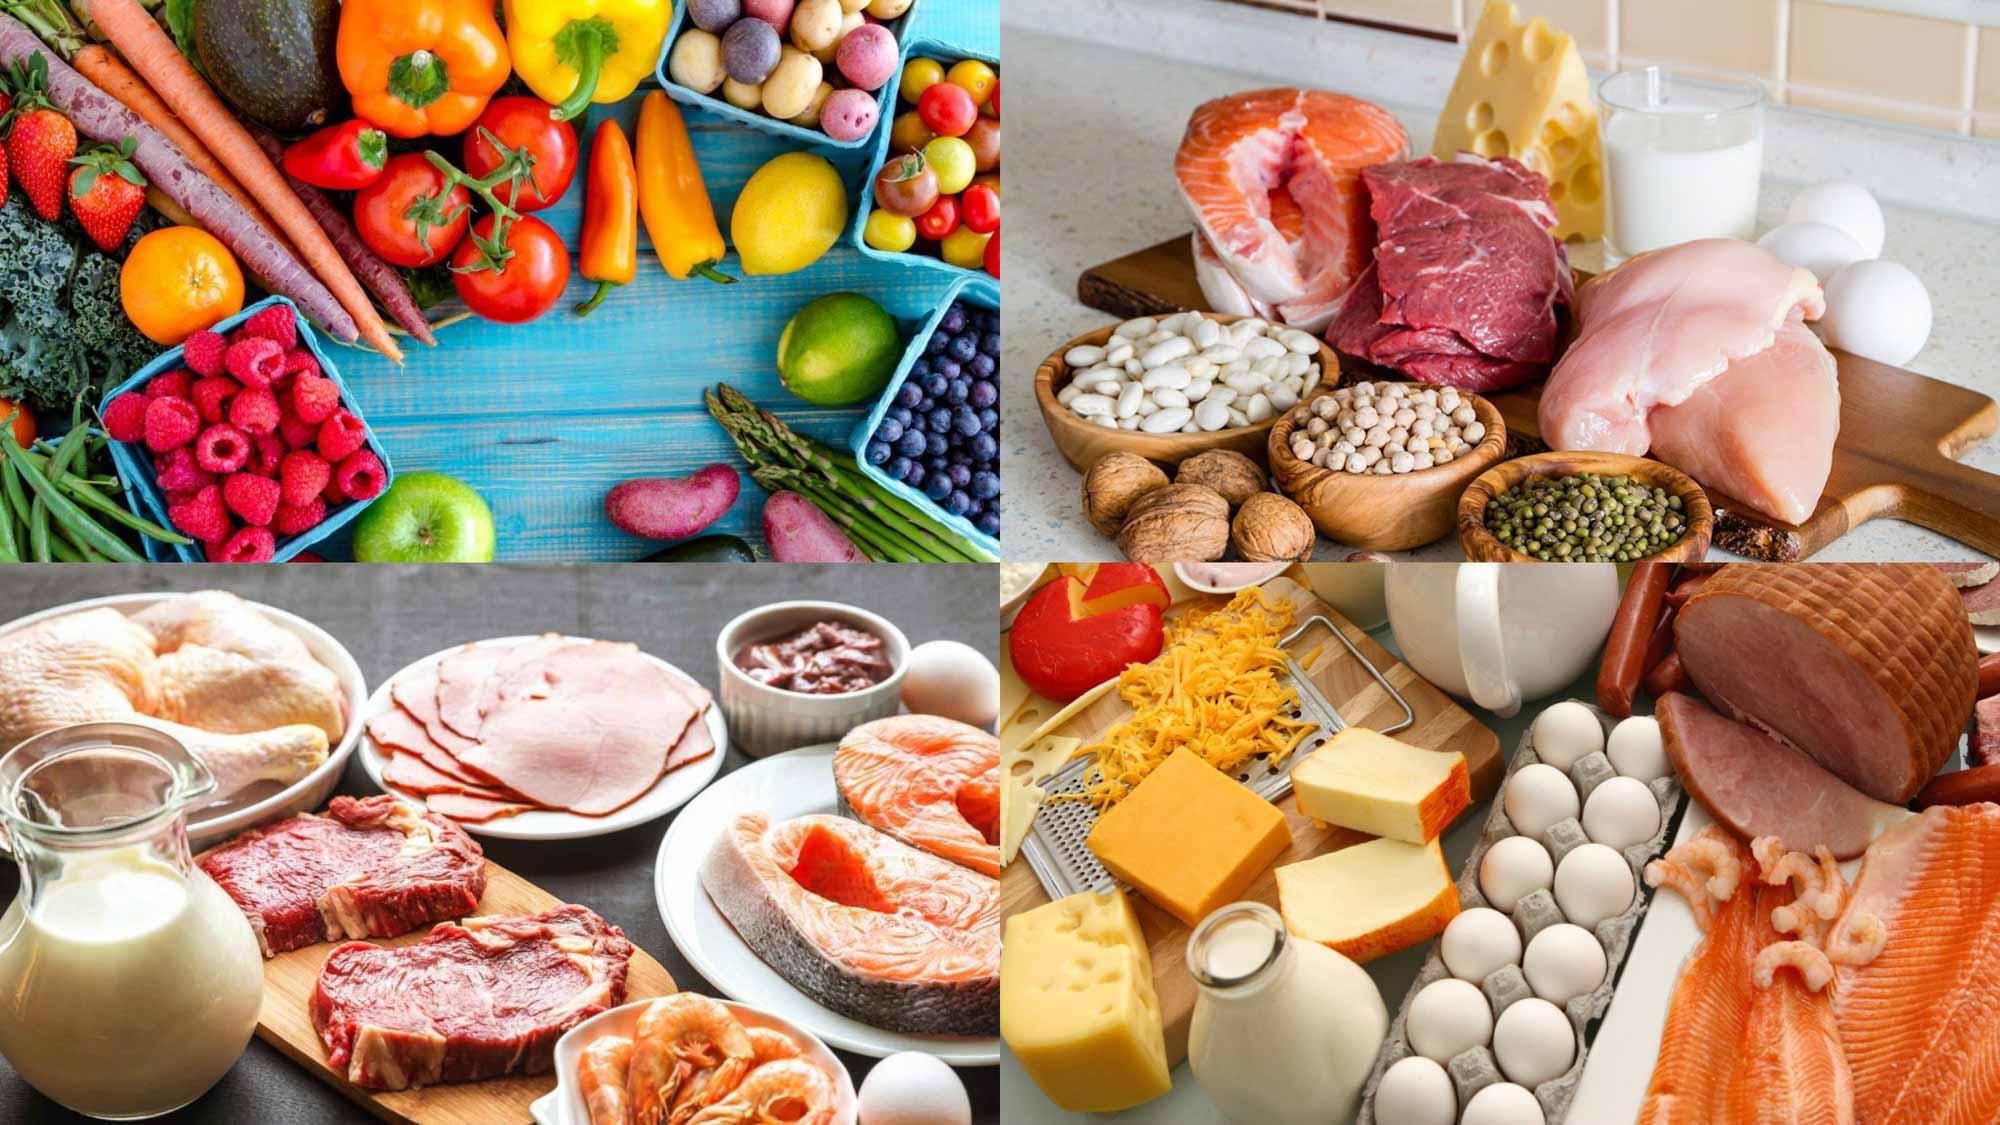 Растительная диета поможет преодолеть проблемы с сердцем.